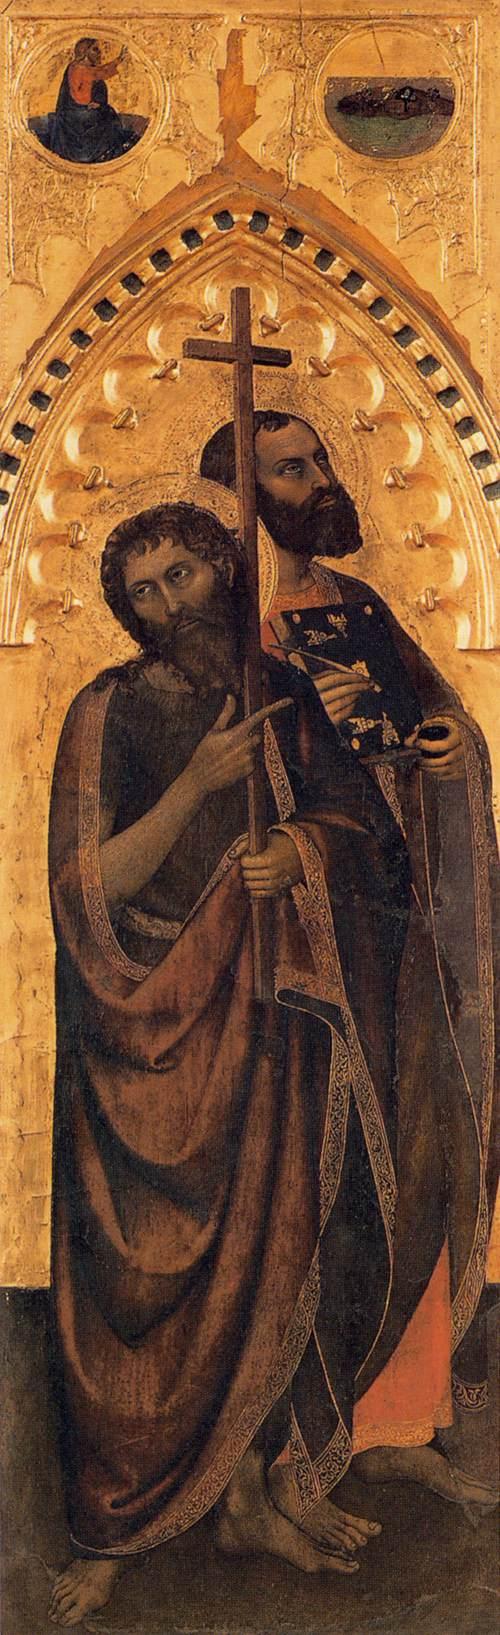 https://upload.wikimedia.org/wikipedia/commons/f/f2/Giovanni_da_milano%2C_polittico_di_ognissanti_03.jpg